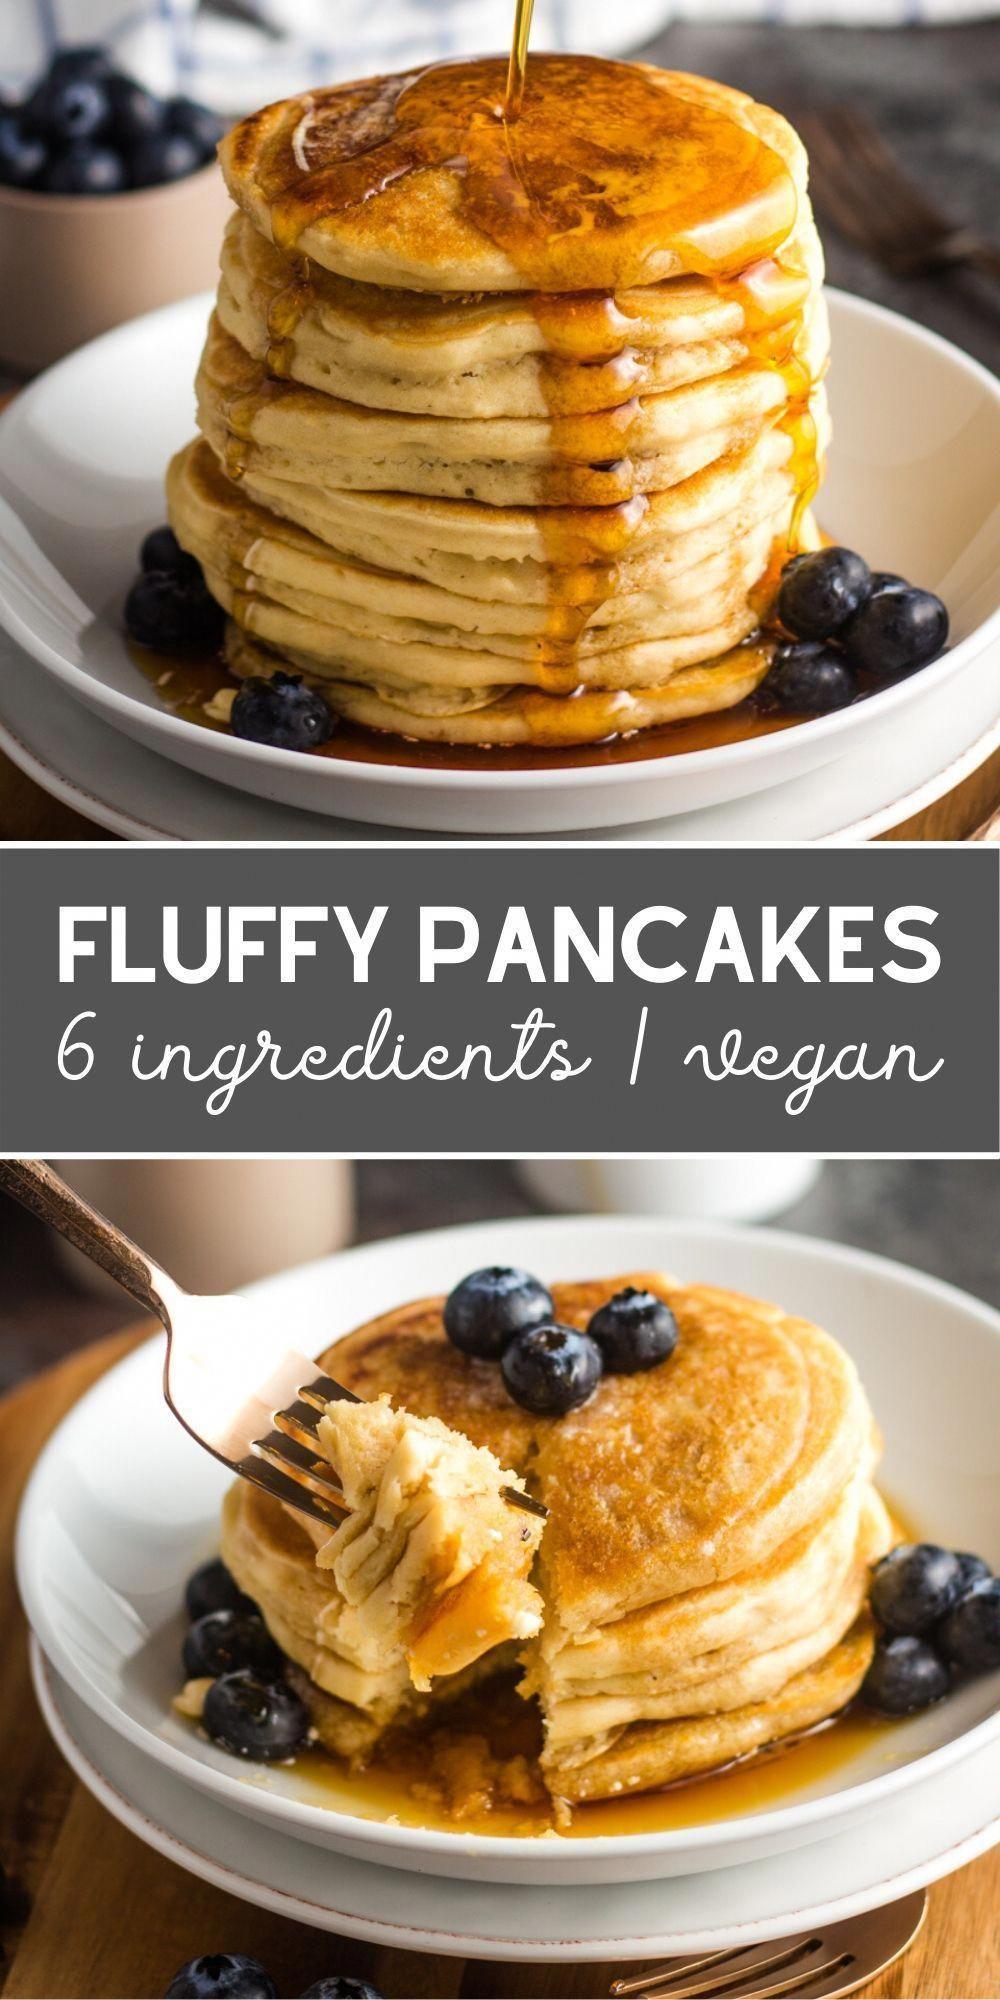 6 Ingredient Fluffy Vegan Pancakes Karissa S Vegan Kitchen Recipe In 2020 Vegan Pancake Recipes Vegan Pancakes Best Vegan Pancakes